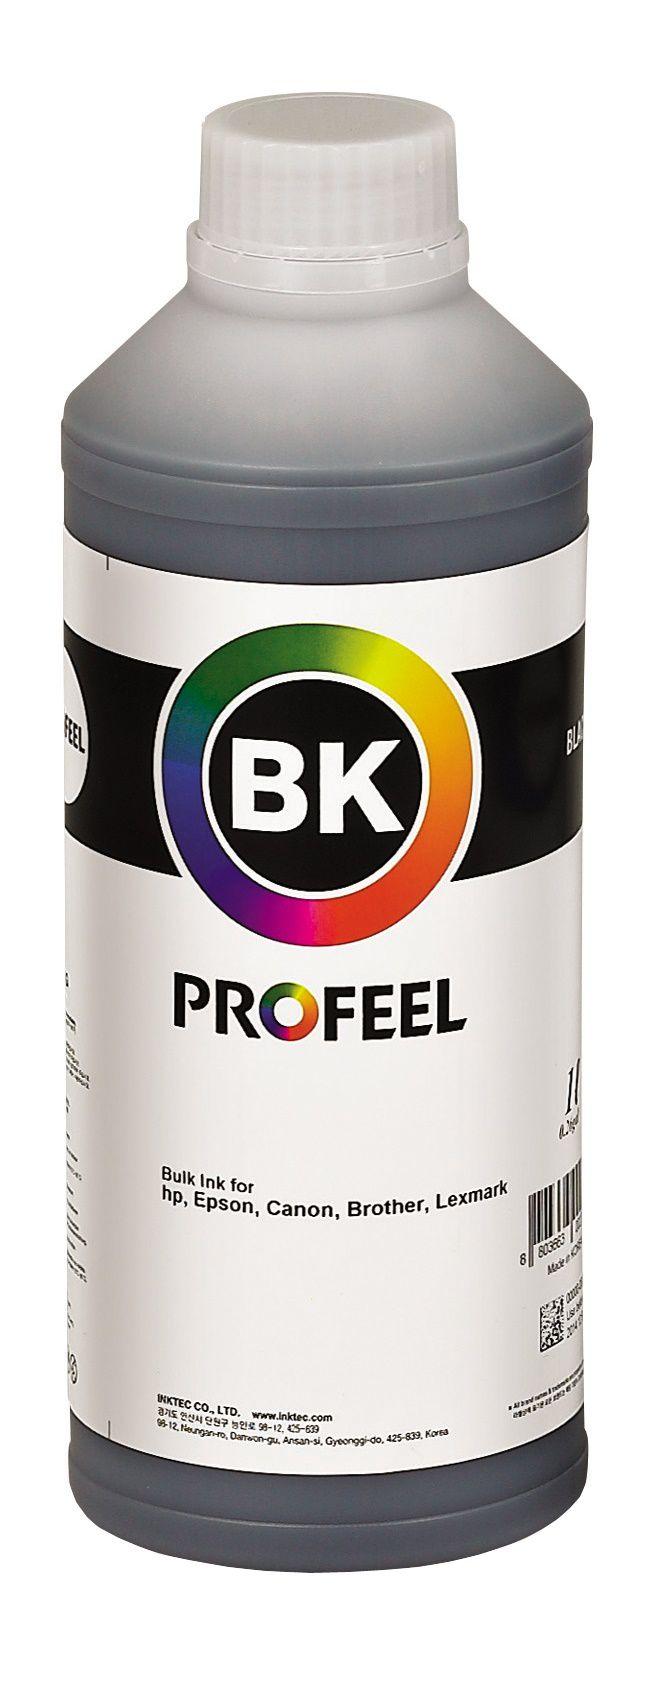 Tinta corante InkTec Profeel para Epson | modelo E0017-01LB | Frasco de 1 litro | Cor : Black